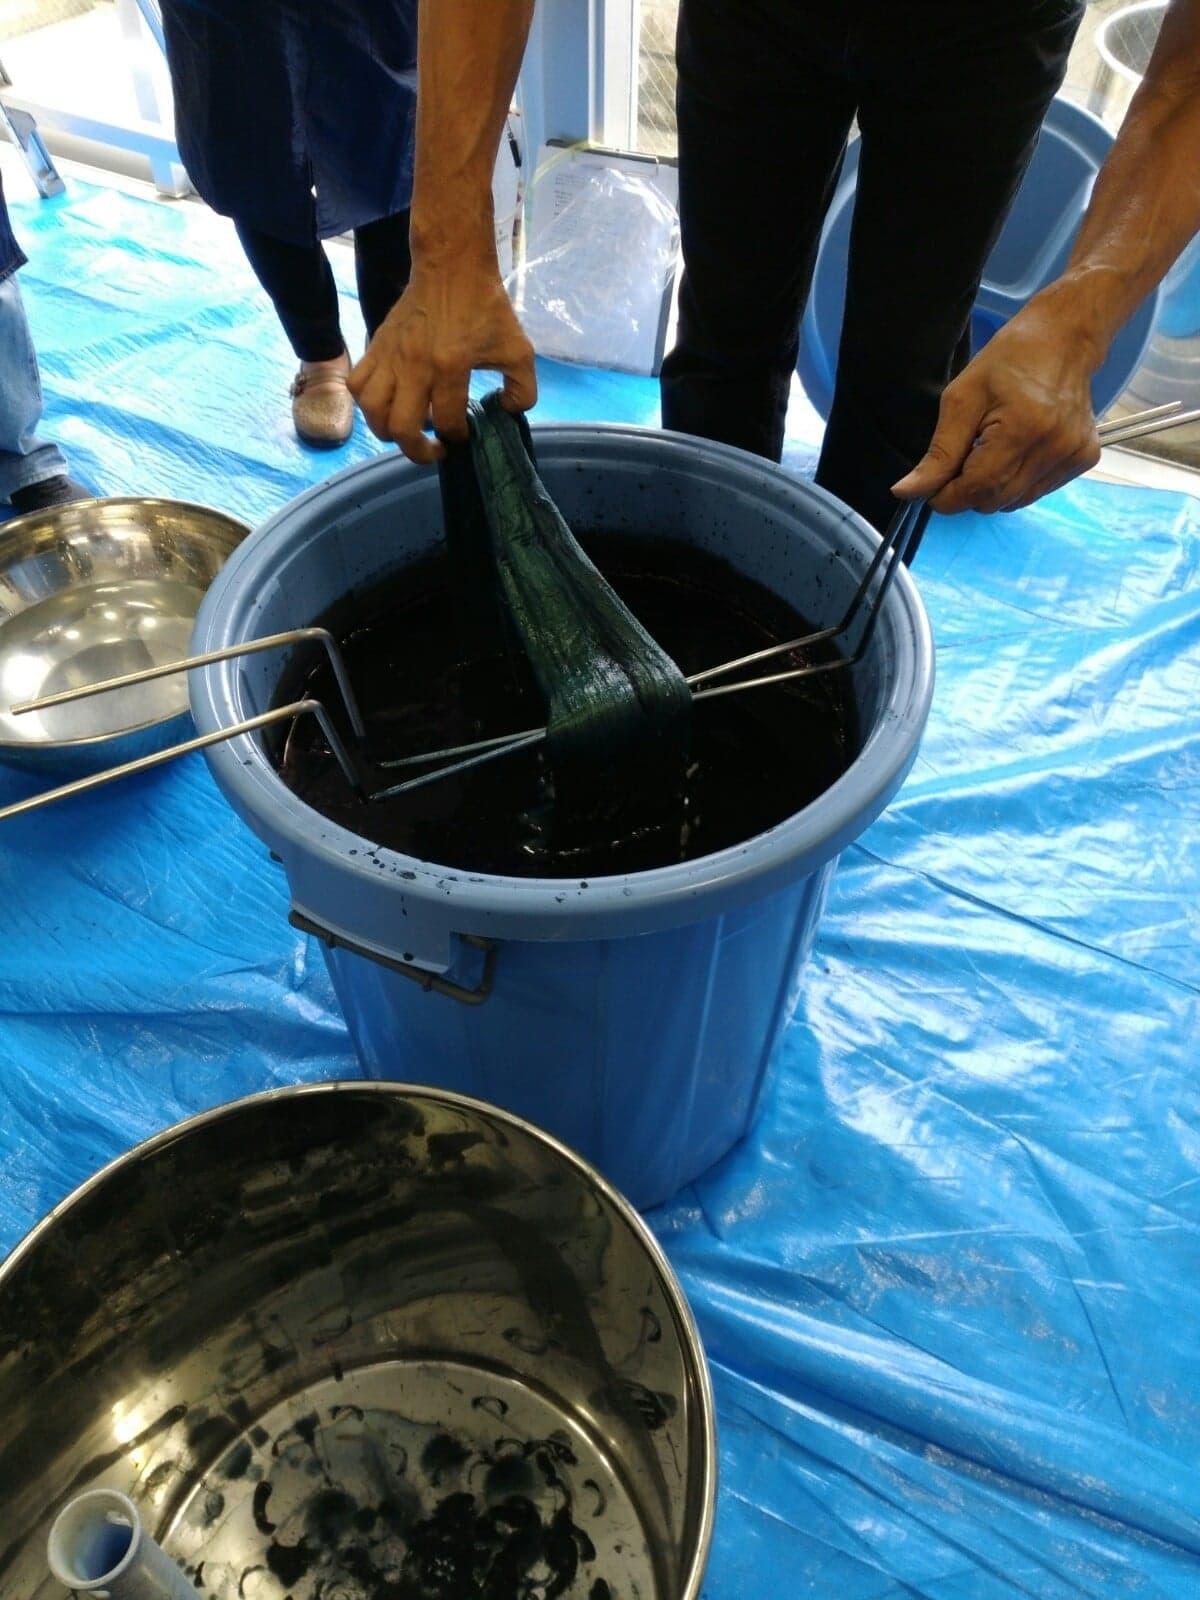 『琉球藍の建て方、染色法を学ぶ』講座に参加しました。_b0228094_10043388.jpg